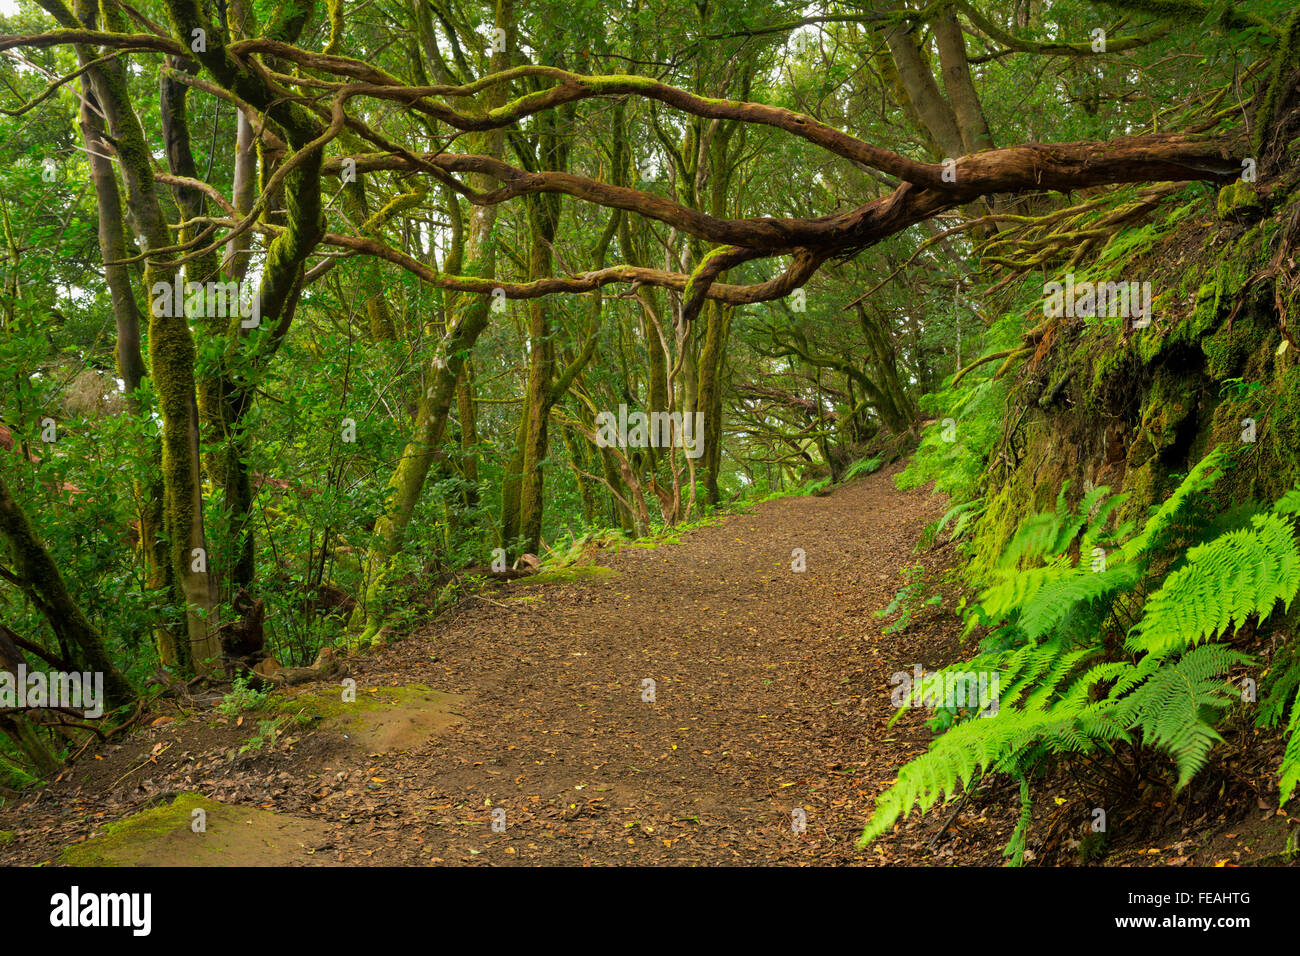 La laurisilva en las montañas Anaga en Tenerife, Islas Canarias, España. Imagen De Stock